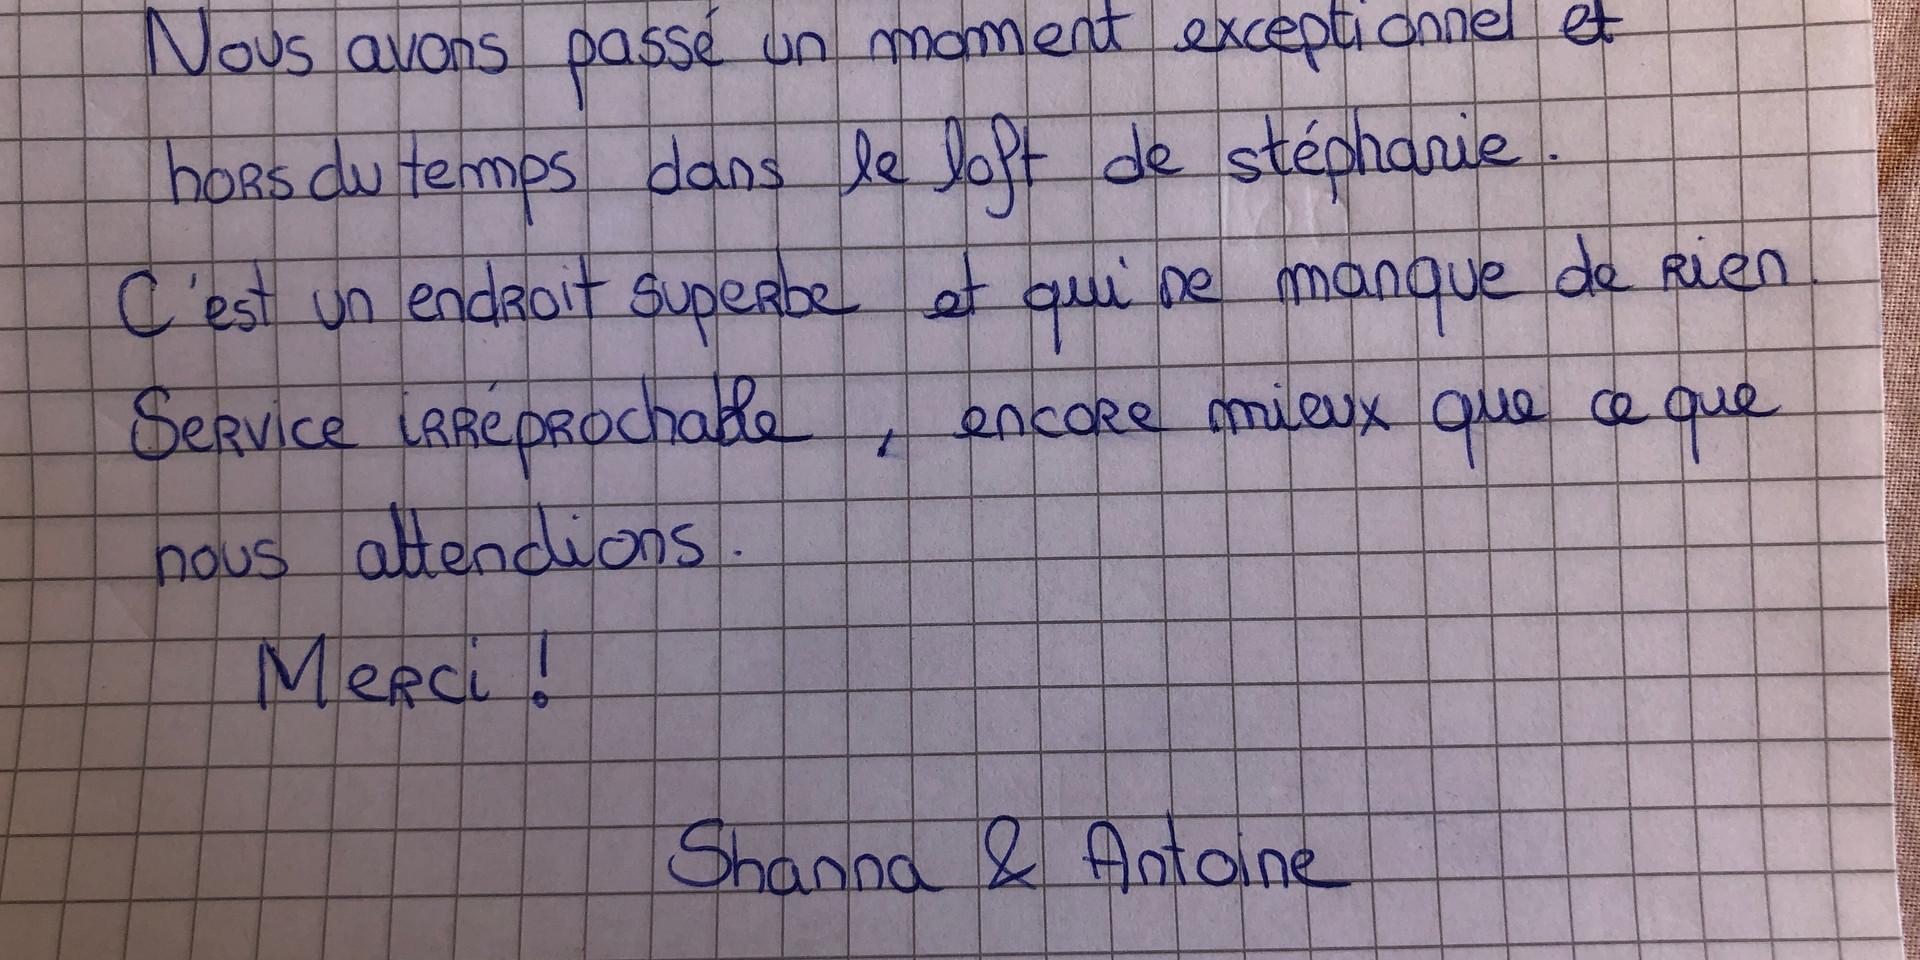 Shanna & Antoine